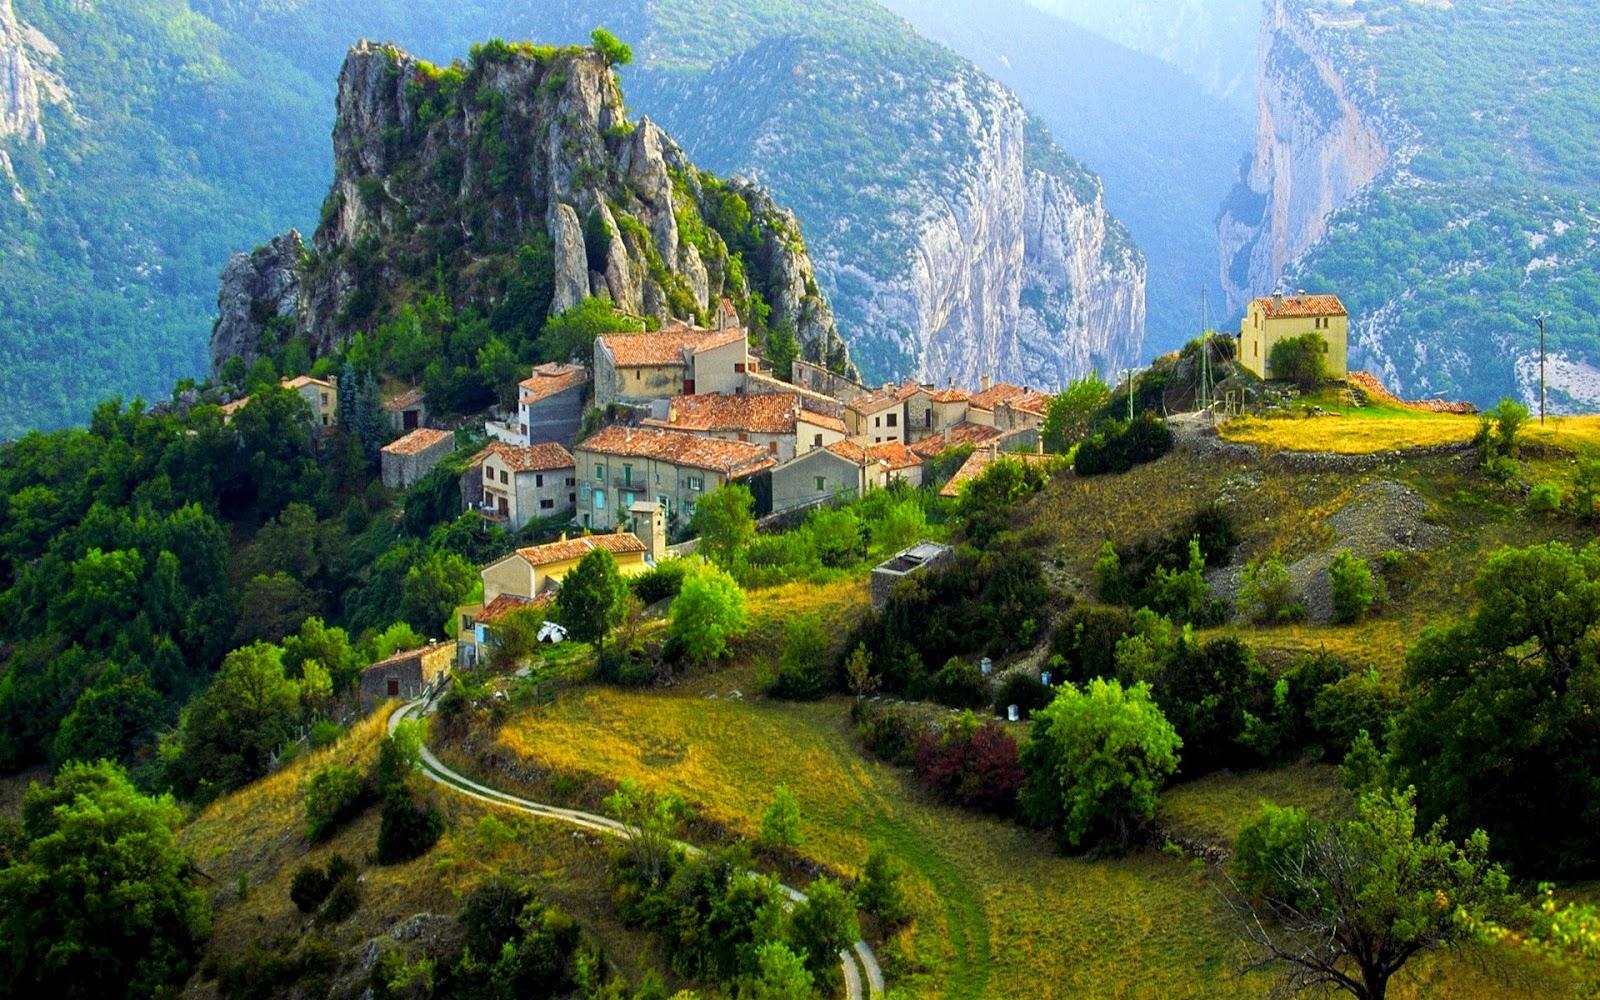 羊羊的網誌: 美麗的阿爾卑斯山